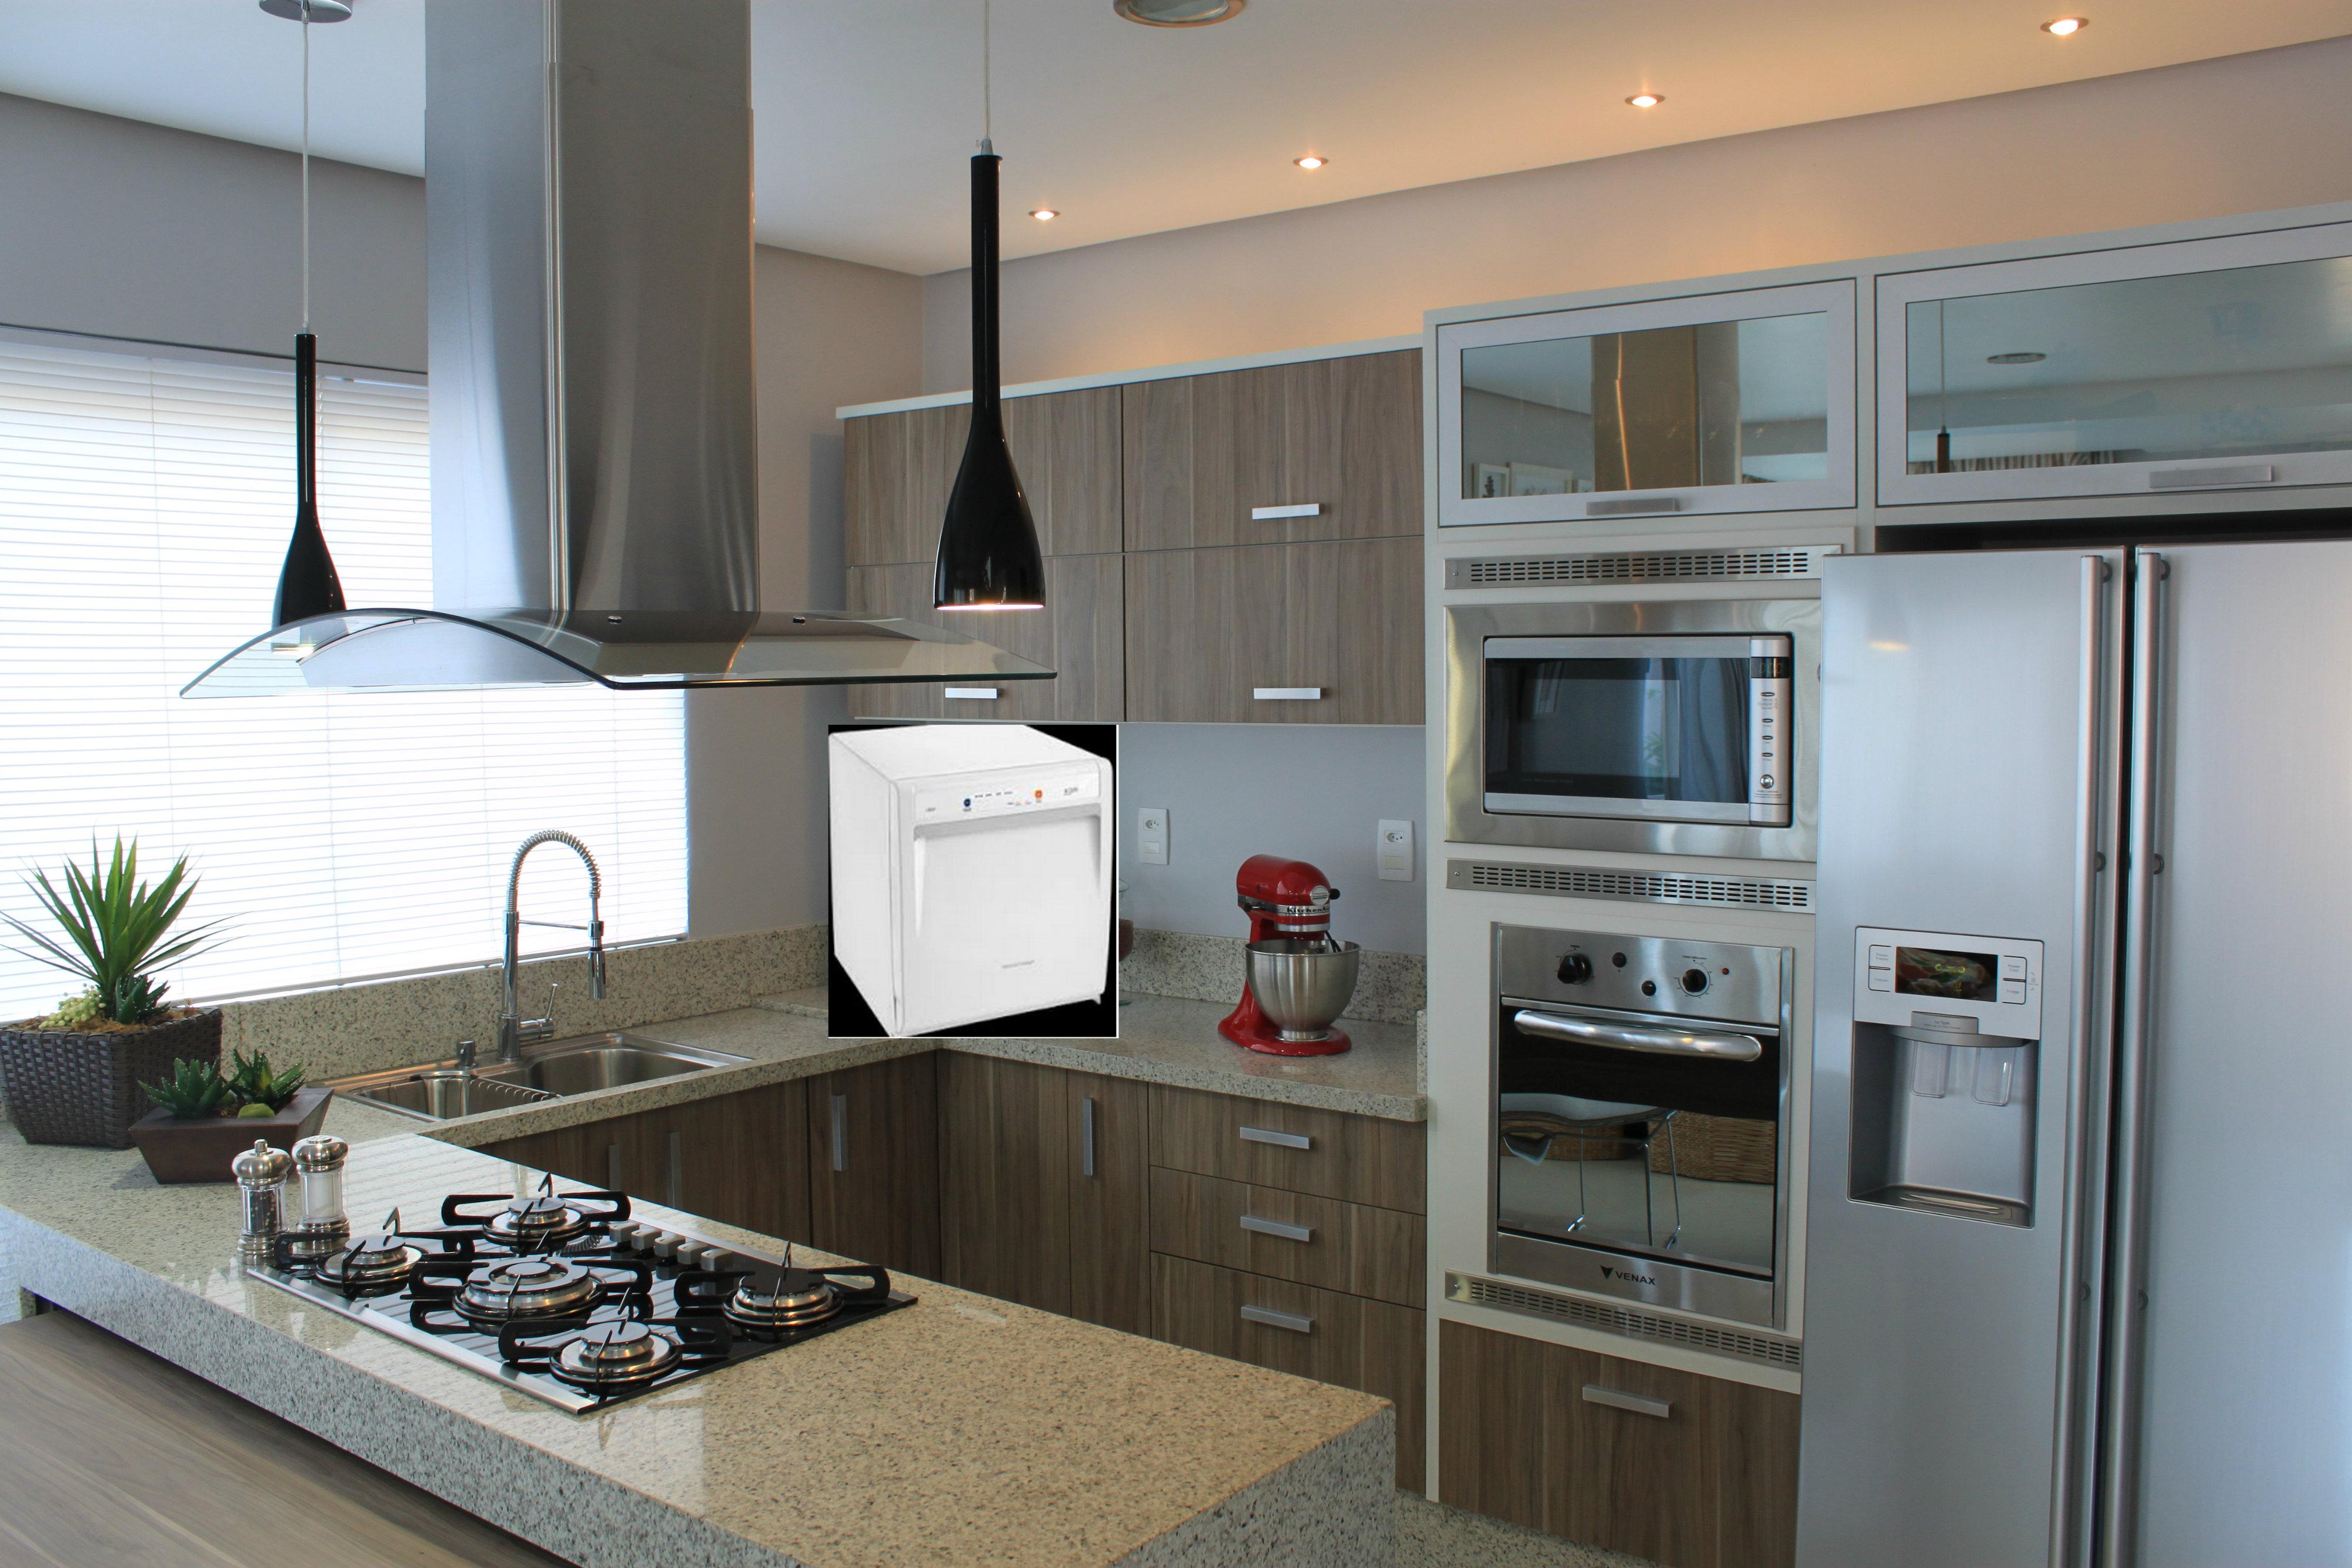 #8A6641 outra opção e mesmo assim não temos ideia de como faríamos o  4000x2667 px Projetos De Cozinhas Brastemp #439 imagens